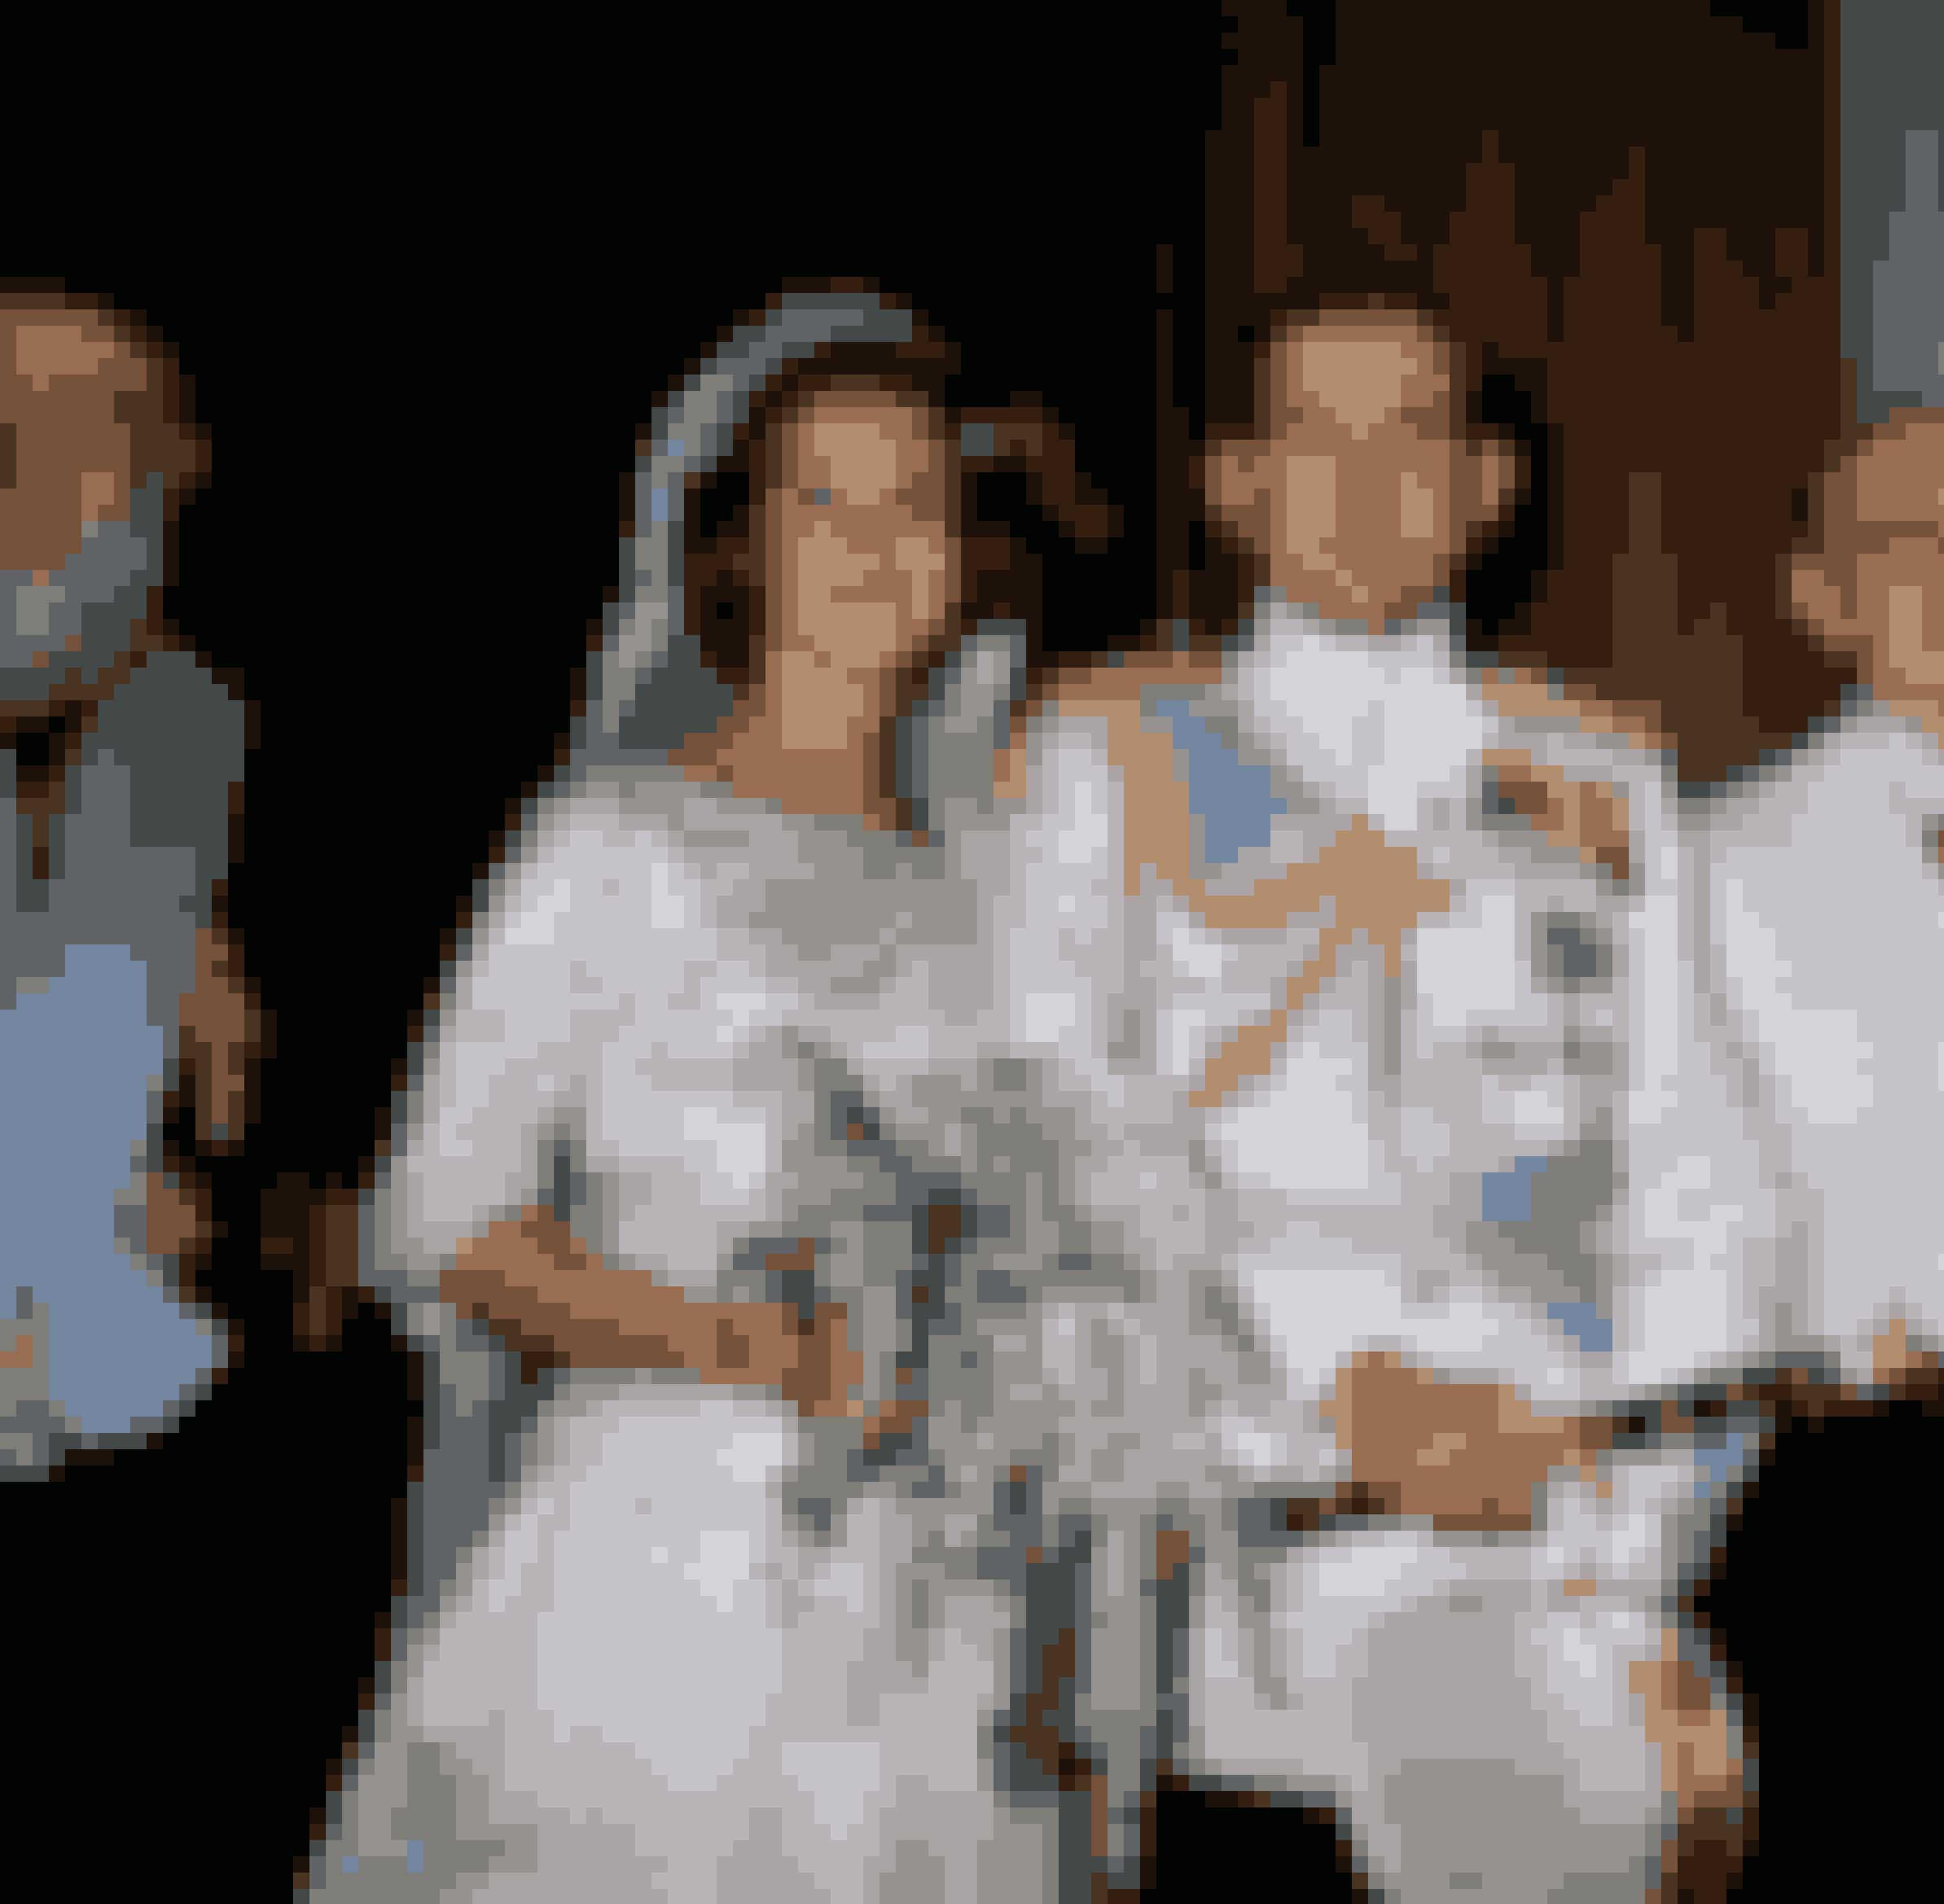 Prinsesse Anne-Marie iført kjole af Holger Blom og Jørgen Bender ved sit bryllup med tidligere konge Konstantin 2. af Grækenland, 1964.